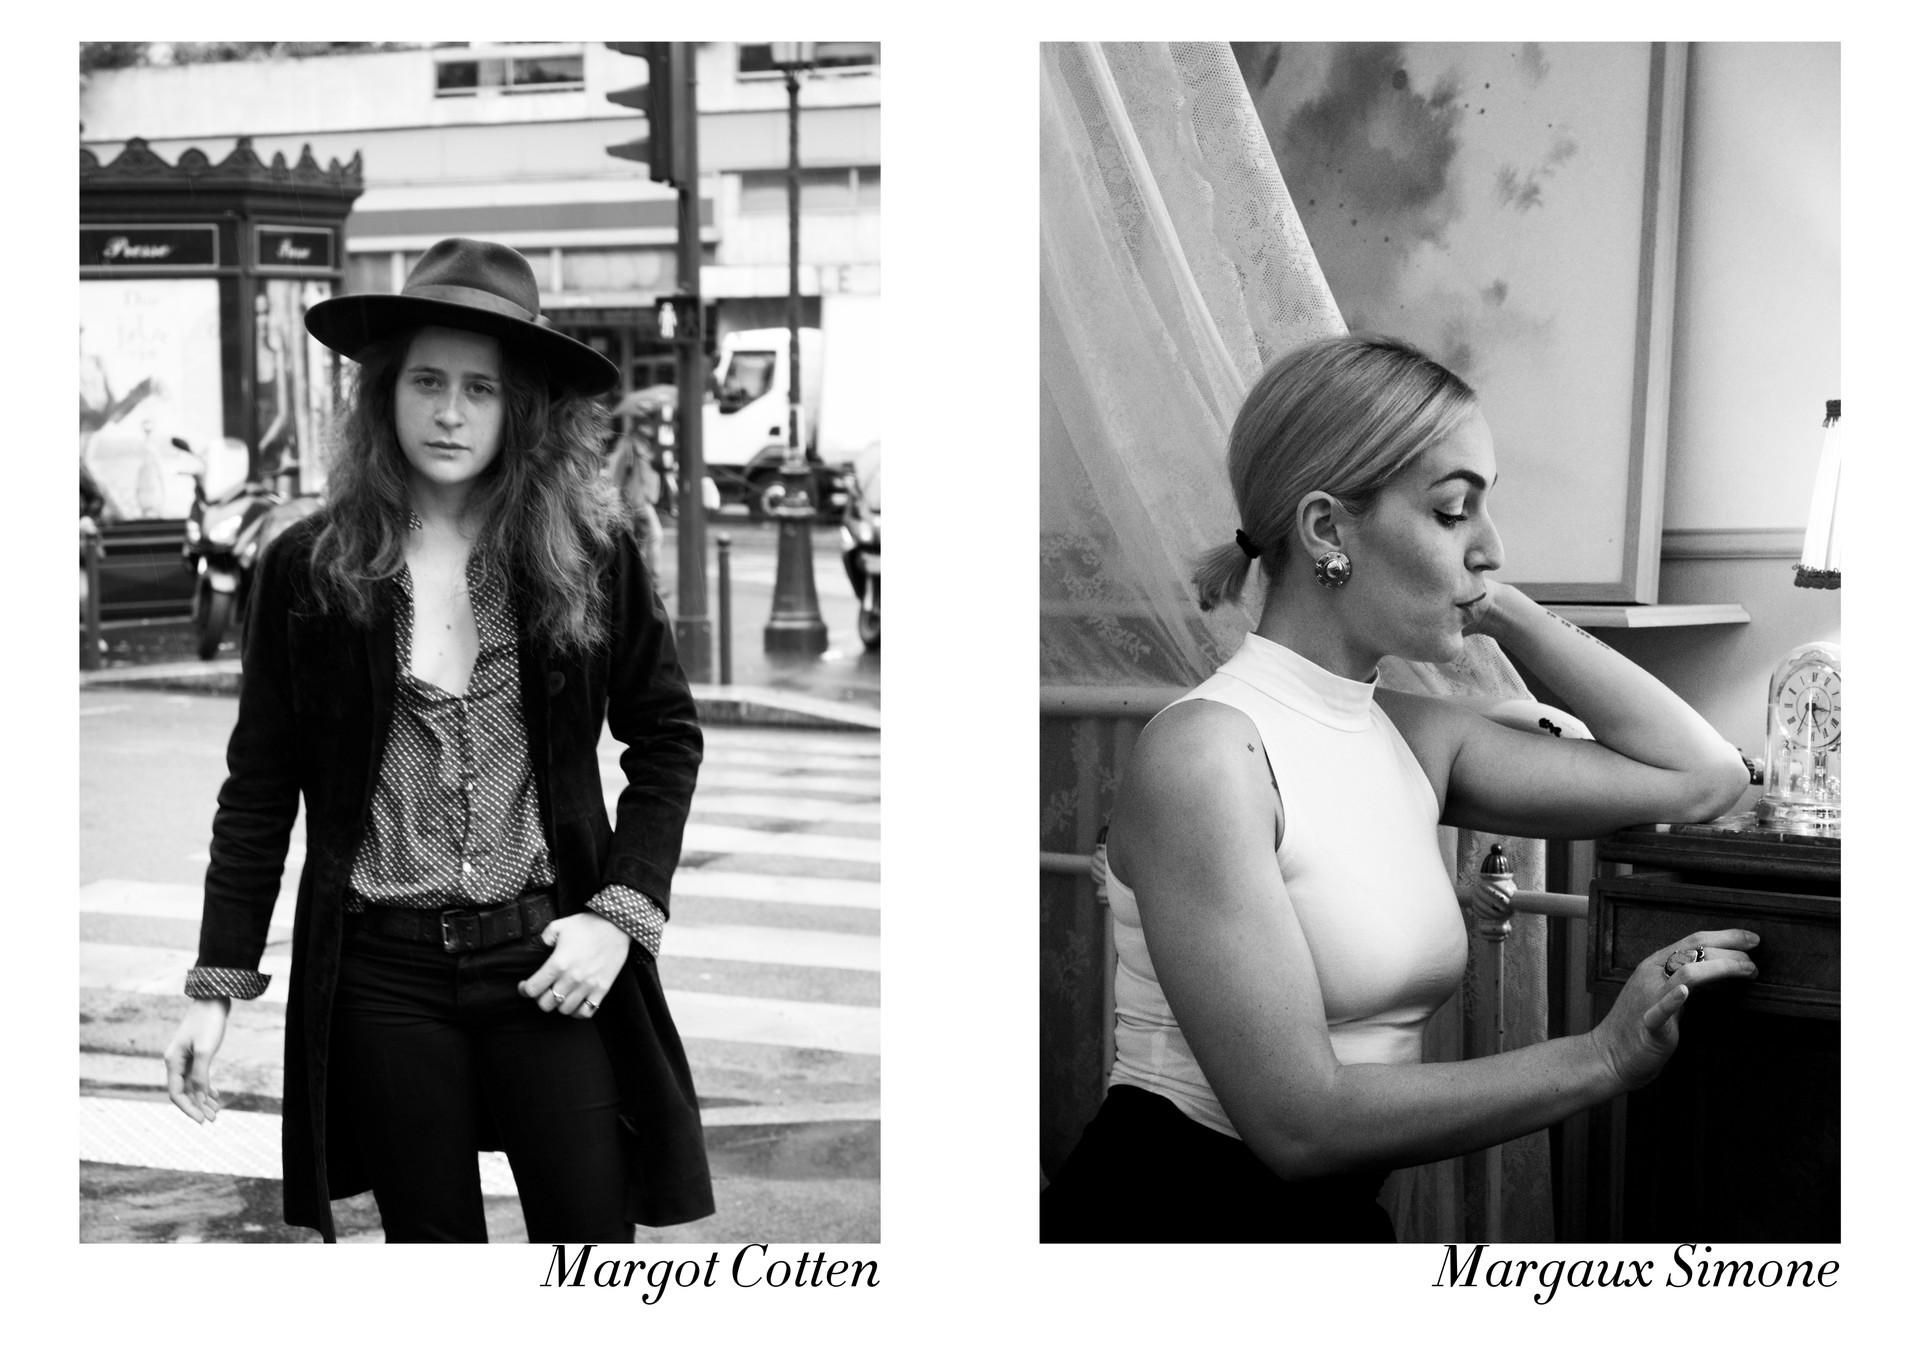 Margot Cotten & Margaux Simone par Nicolas Vidal  #chanteusesdefrance